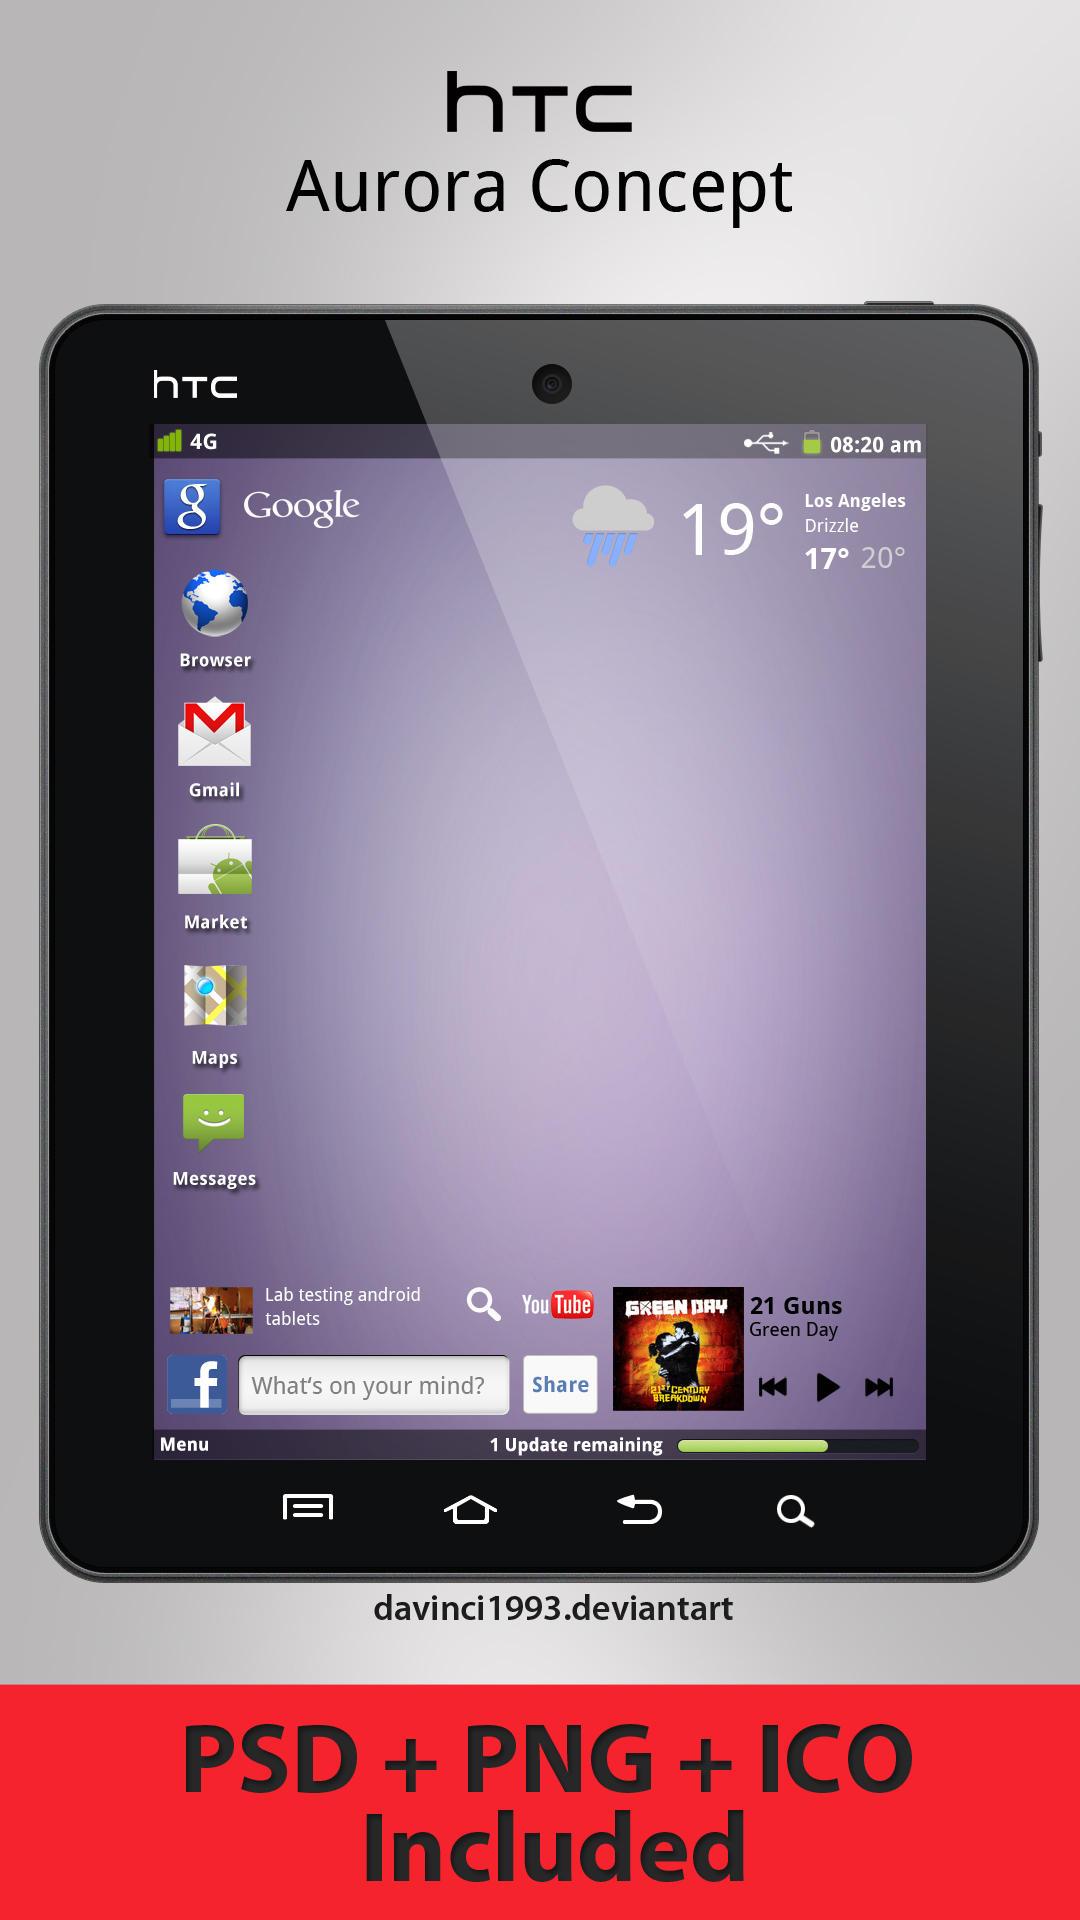 HTC Aurora Concept by davinci1993